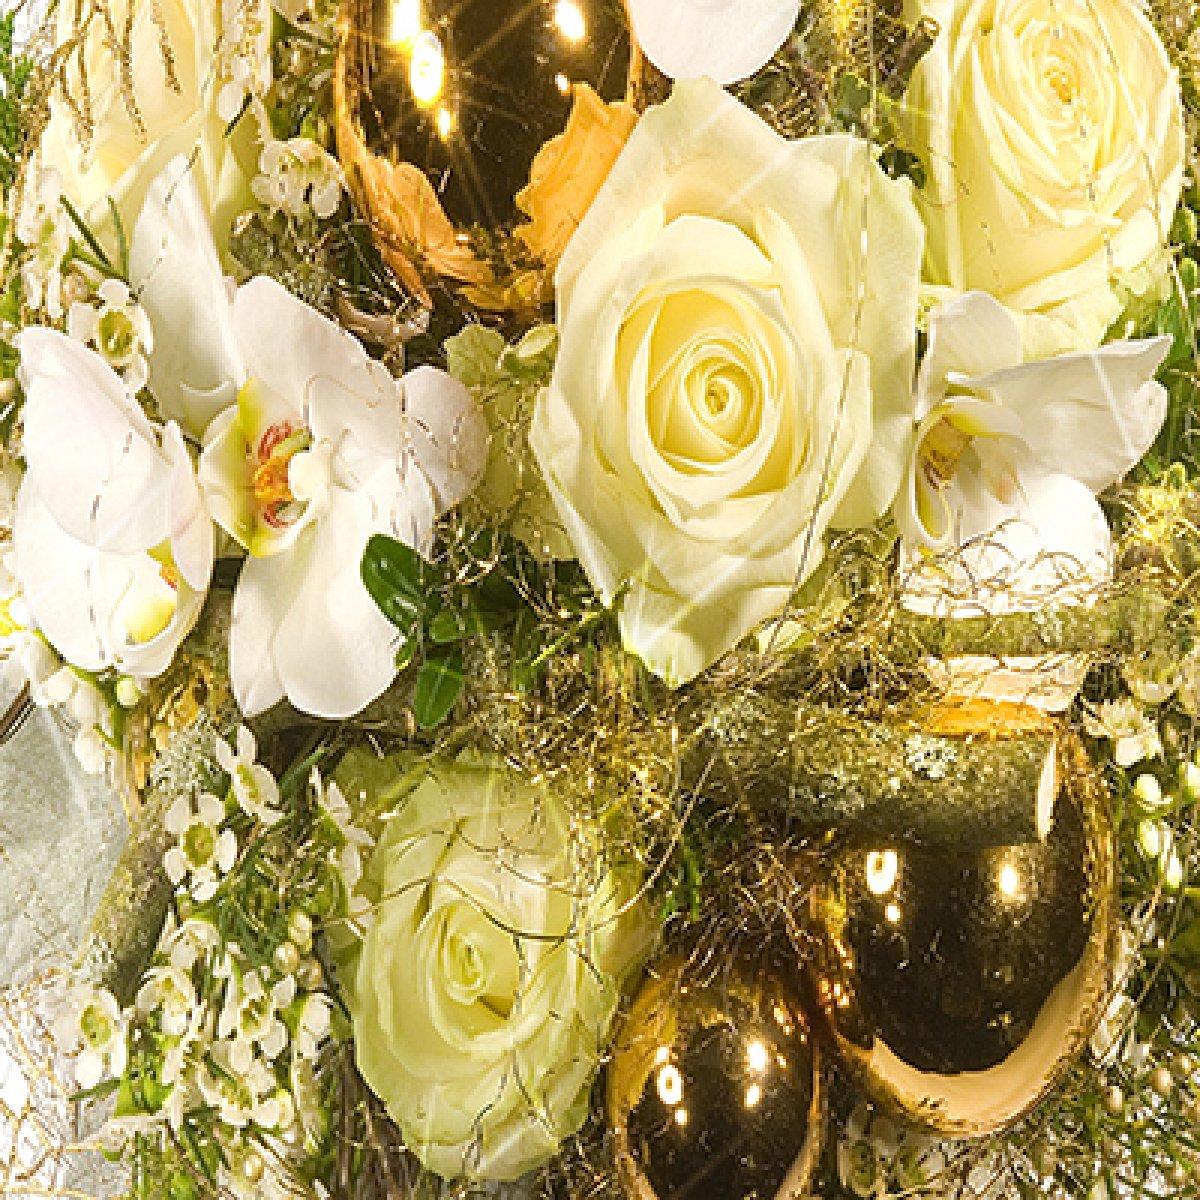 Λουλούδια Χριστουγεννιάτικα | Mymegamarket.gr